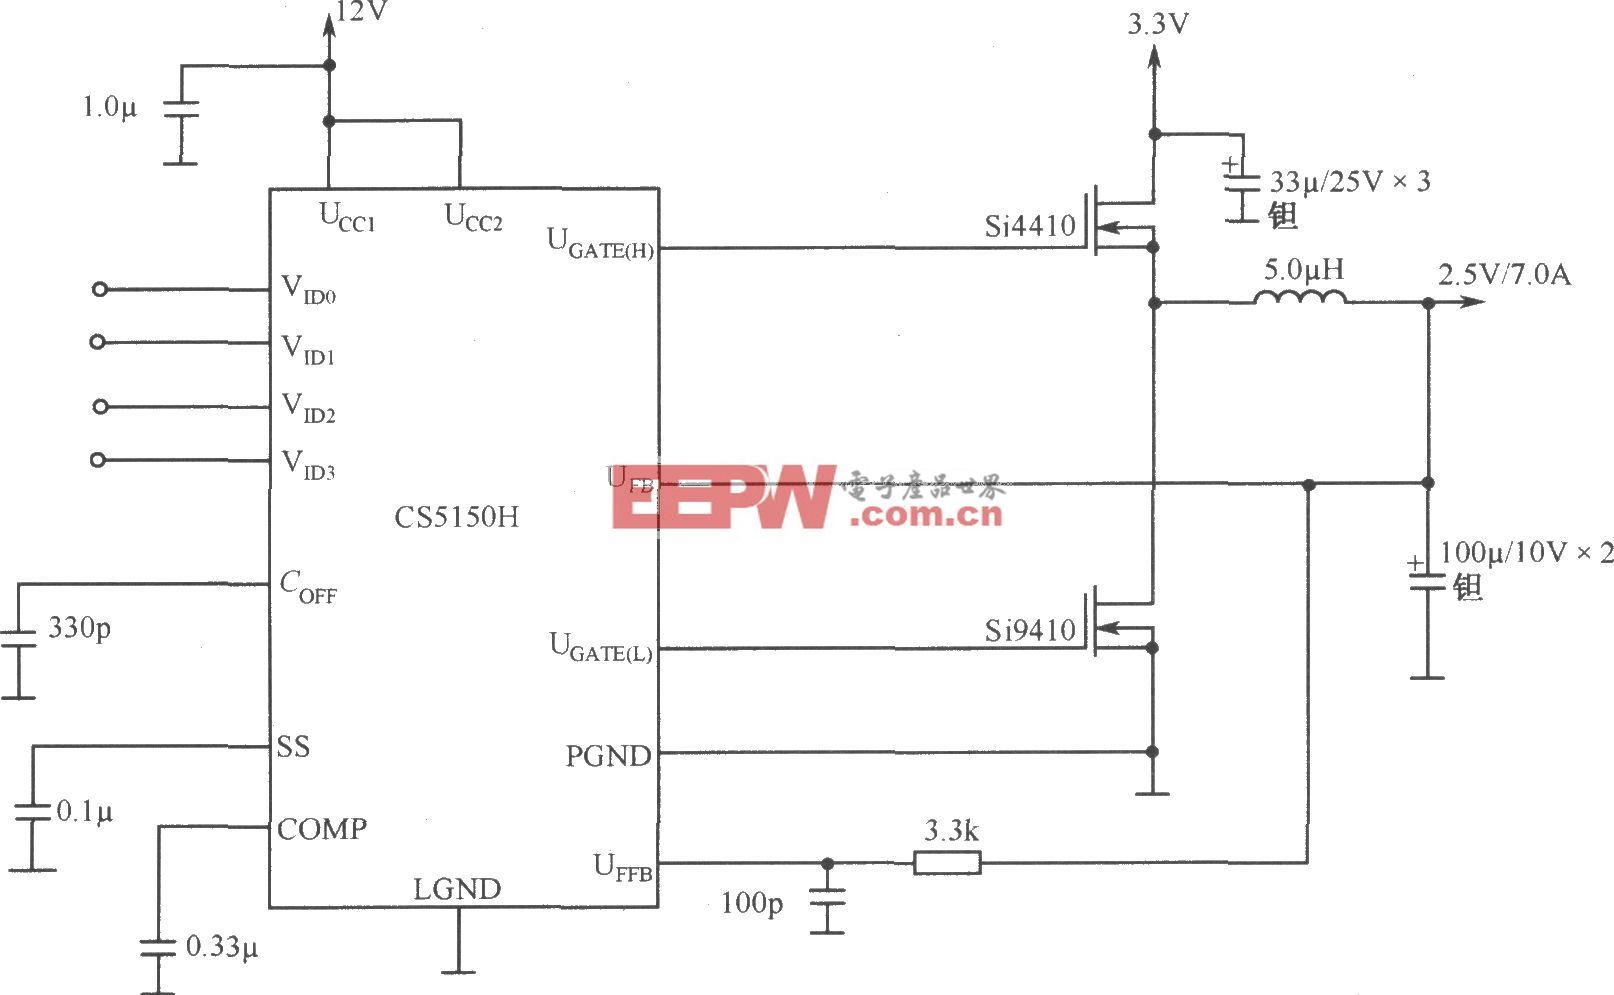 4位编码同步降压控制器CS5150H构成的有12V偏压3.3V至2.5V/7.0A变换器